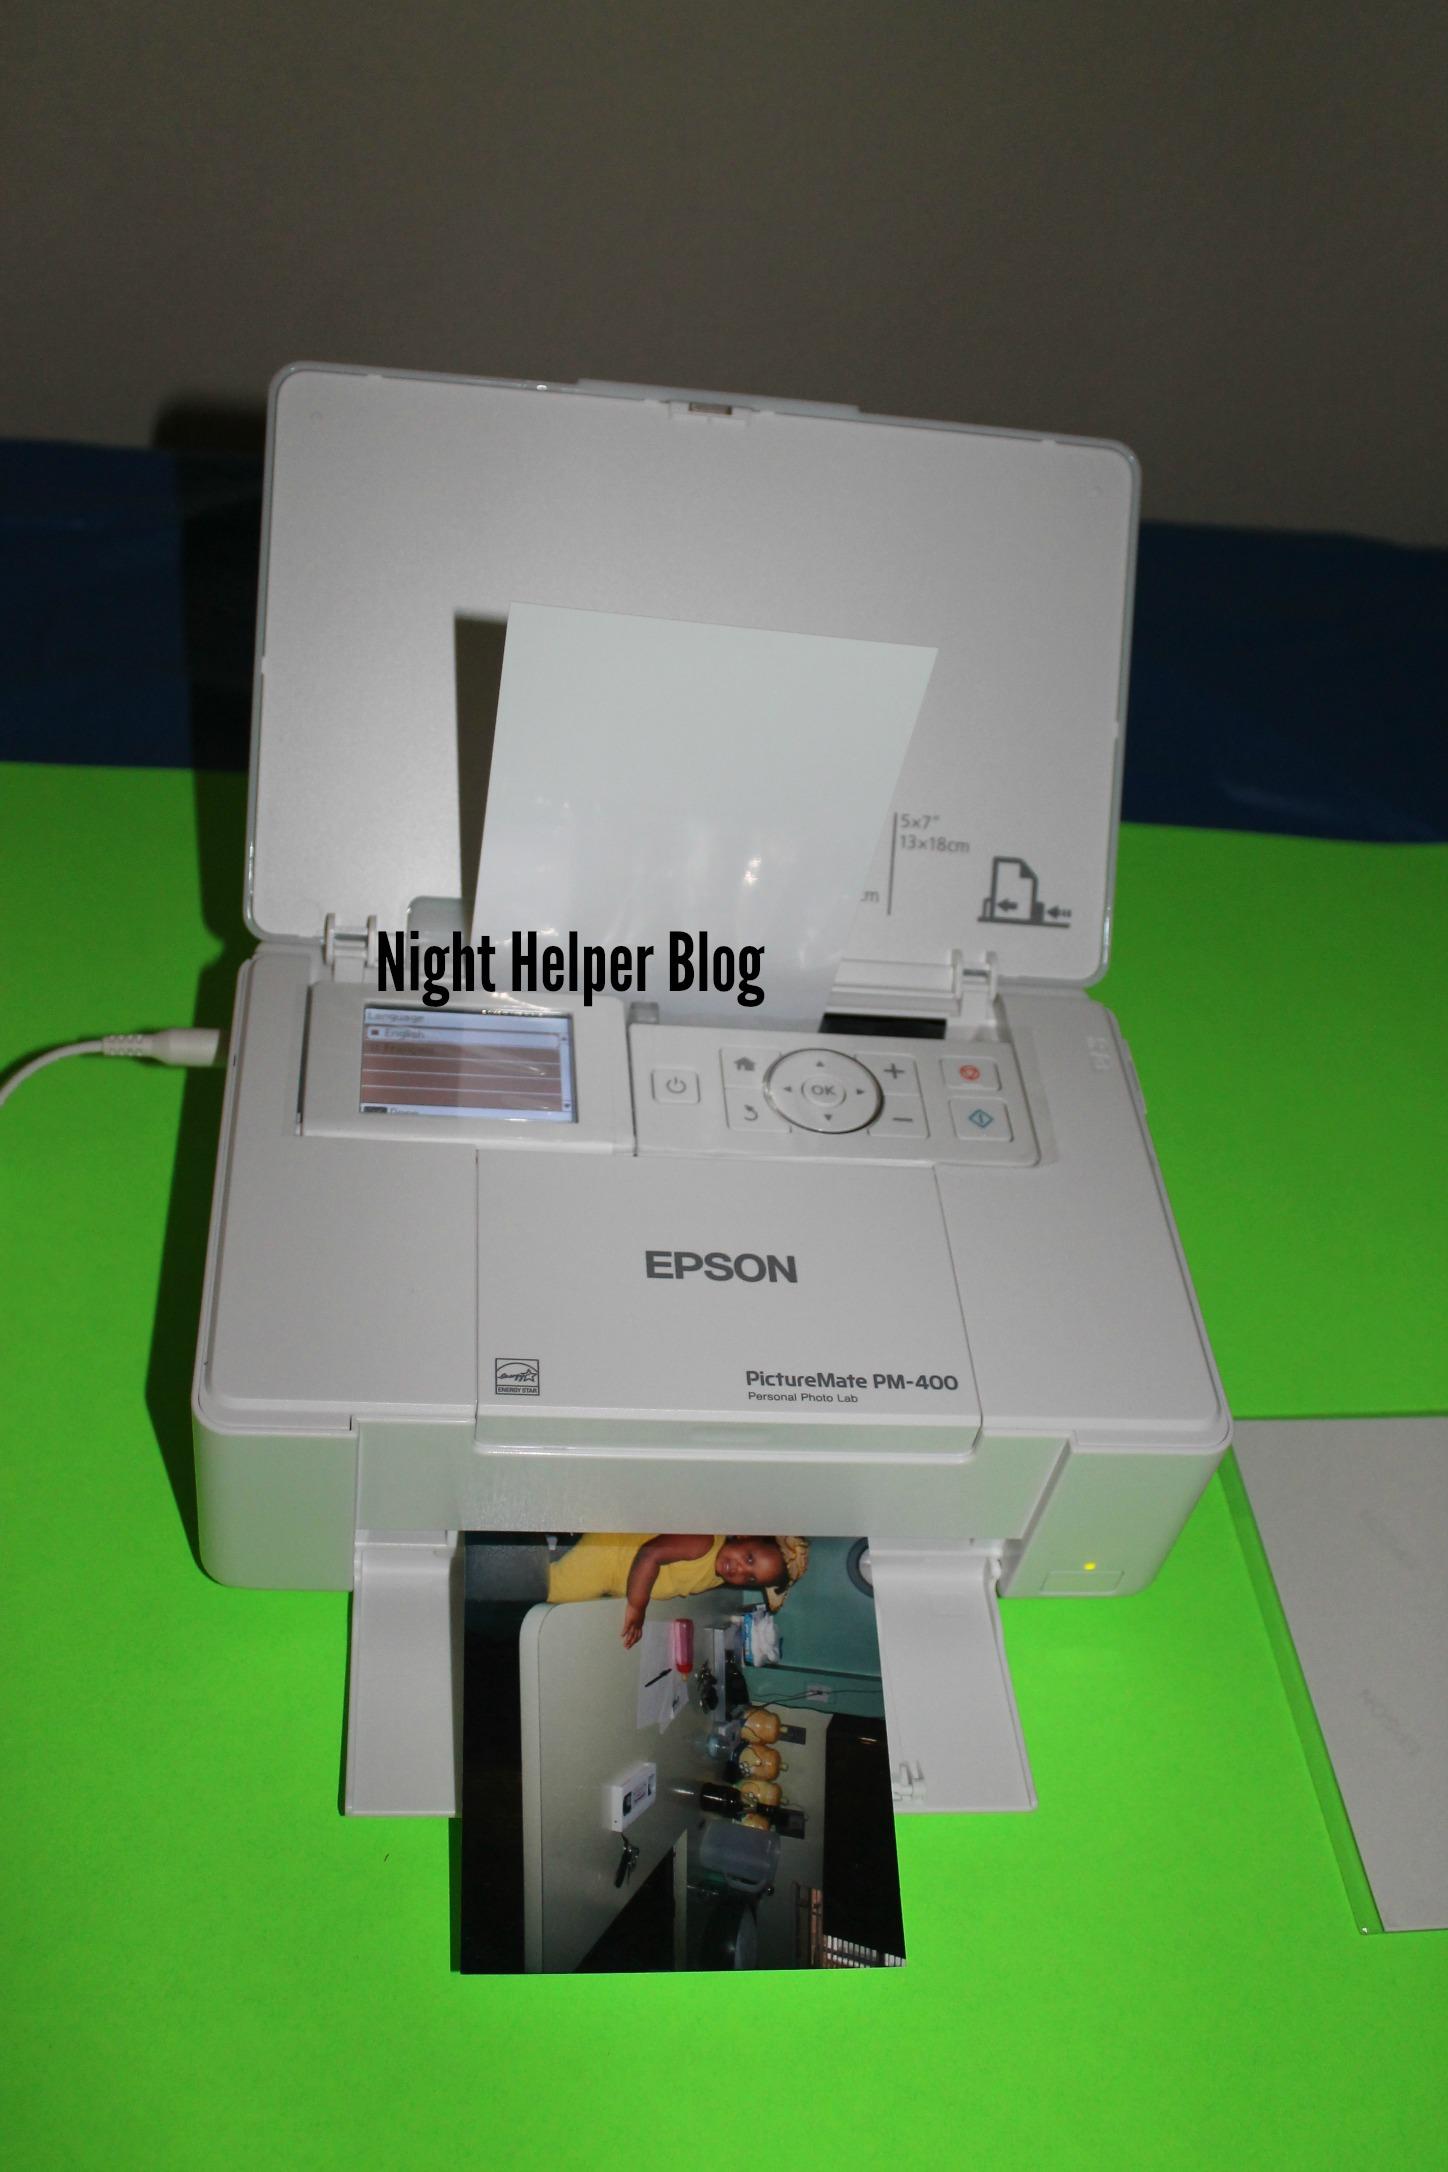 epson5